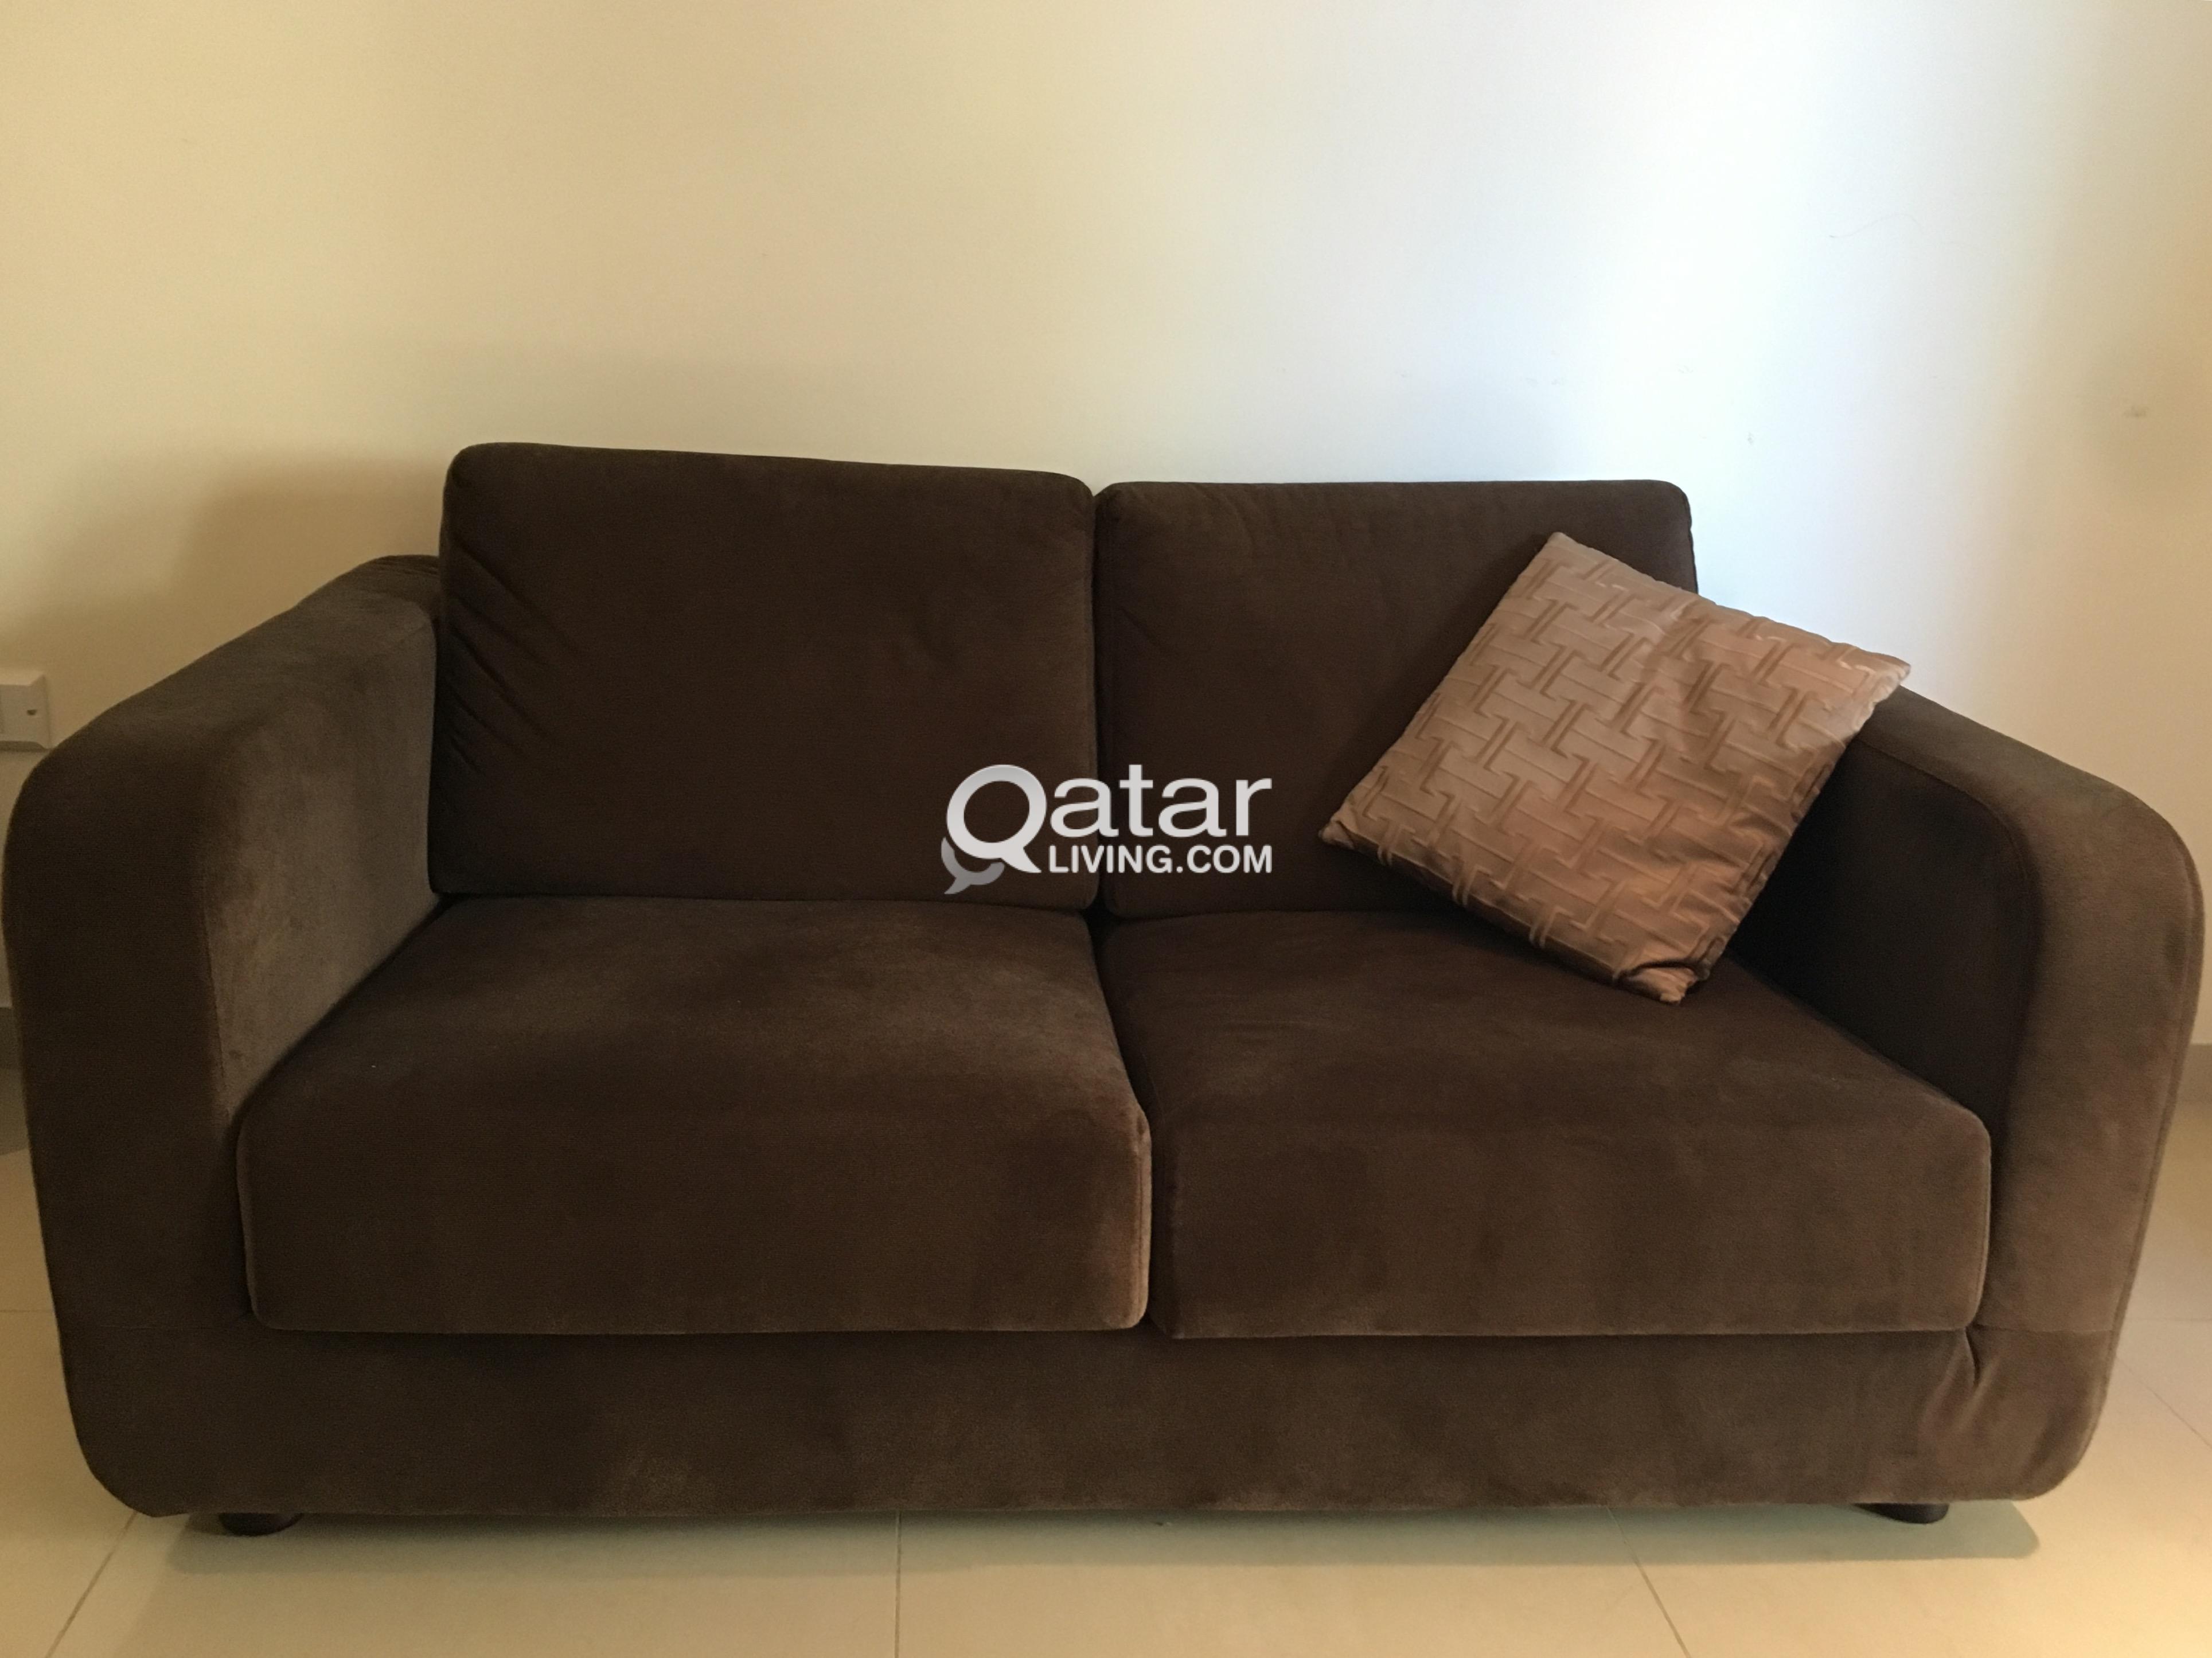 Sofa Home Center Qatar Living